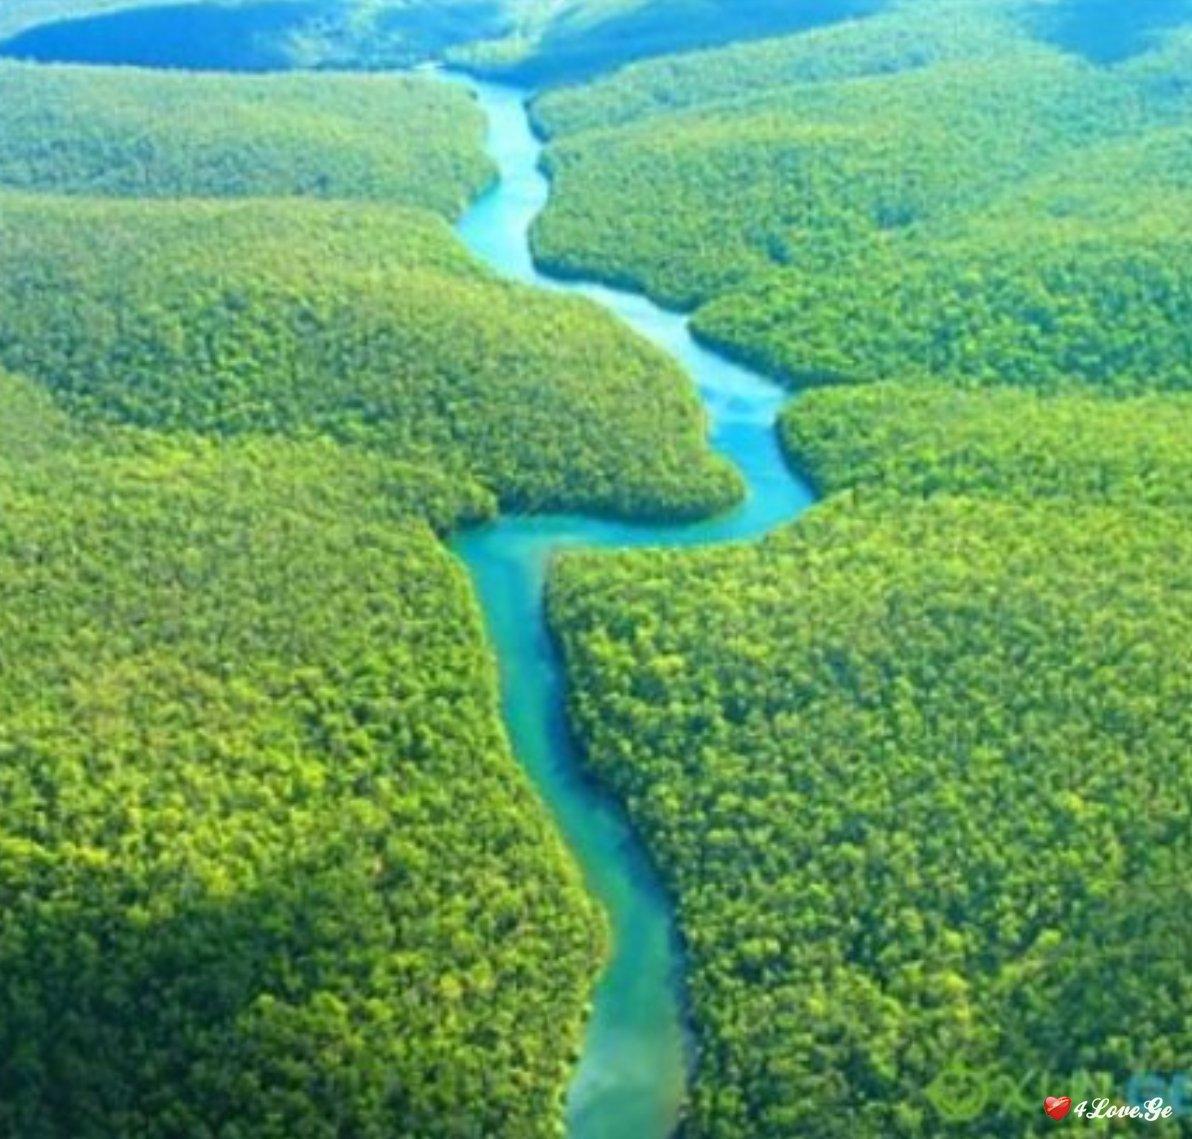 მდინარეში ასახული ცხოვრება